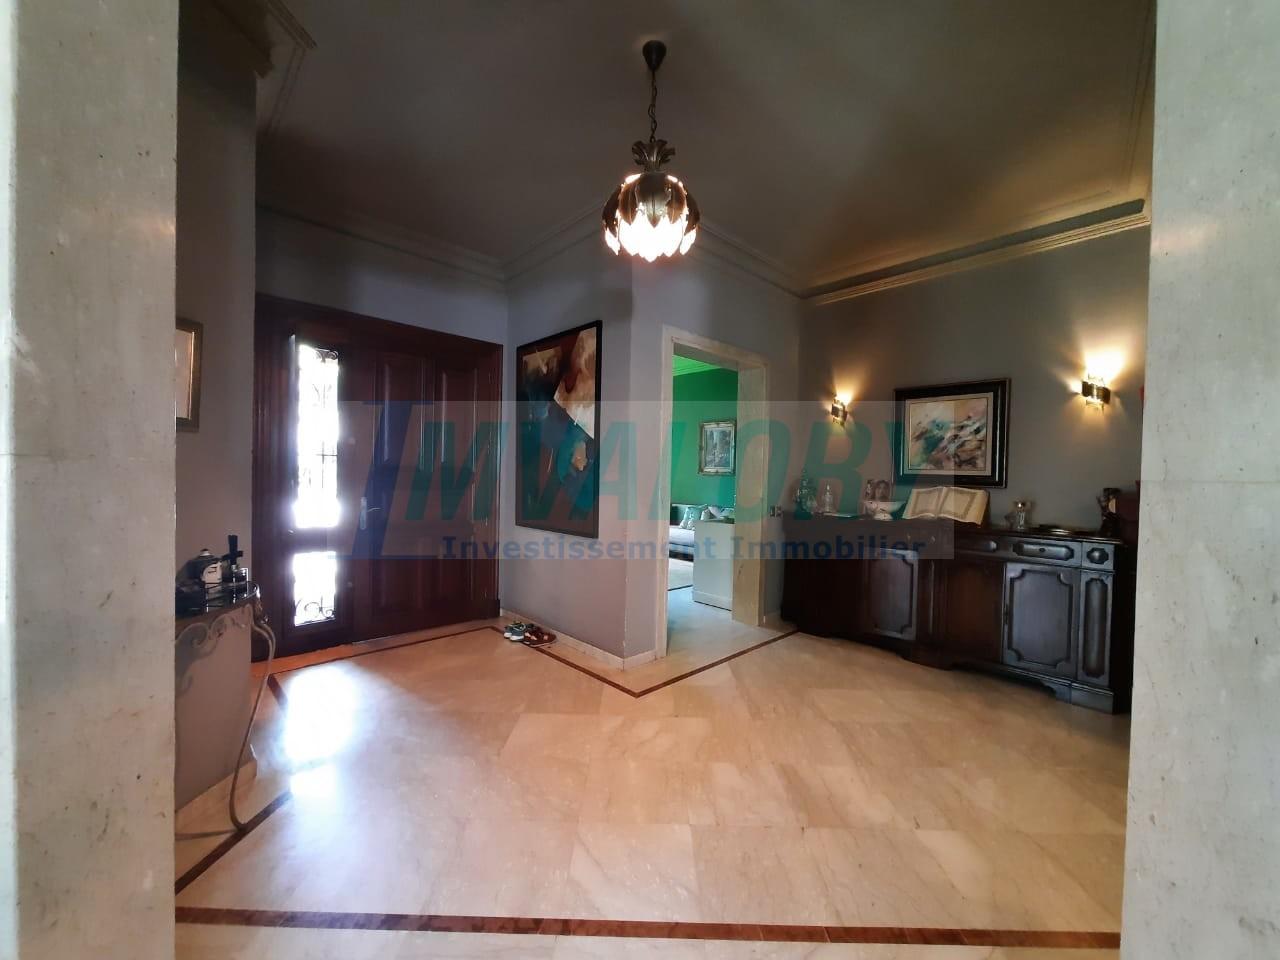 A Vendre Villa 400m² Résidence Fermée Californie